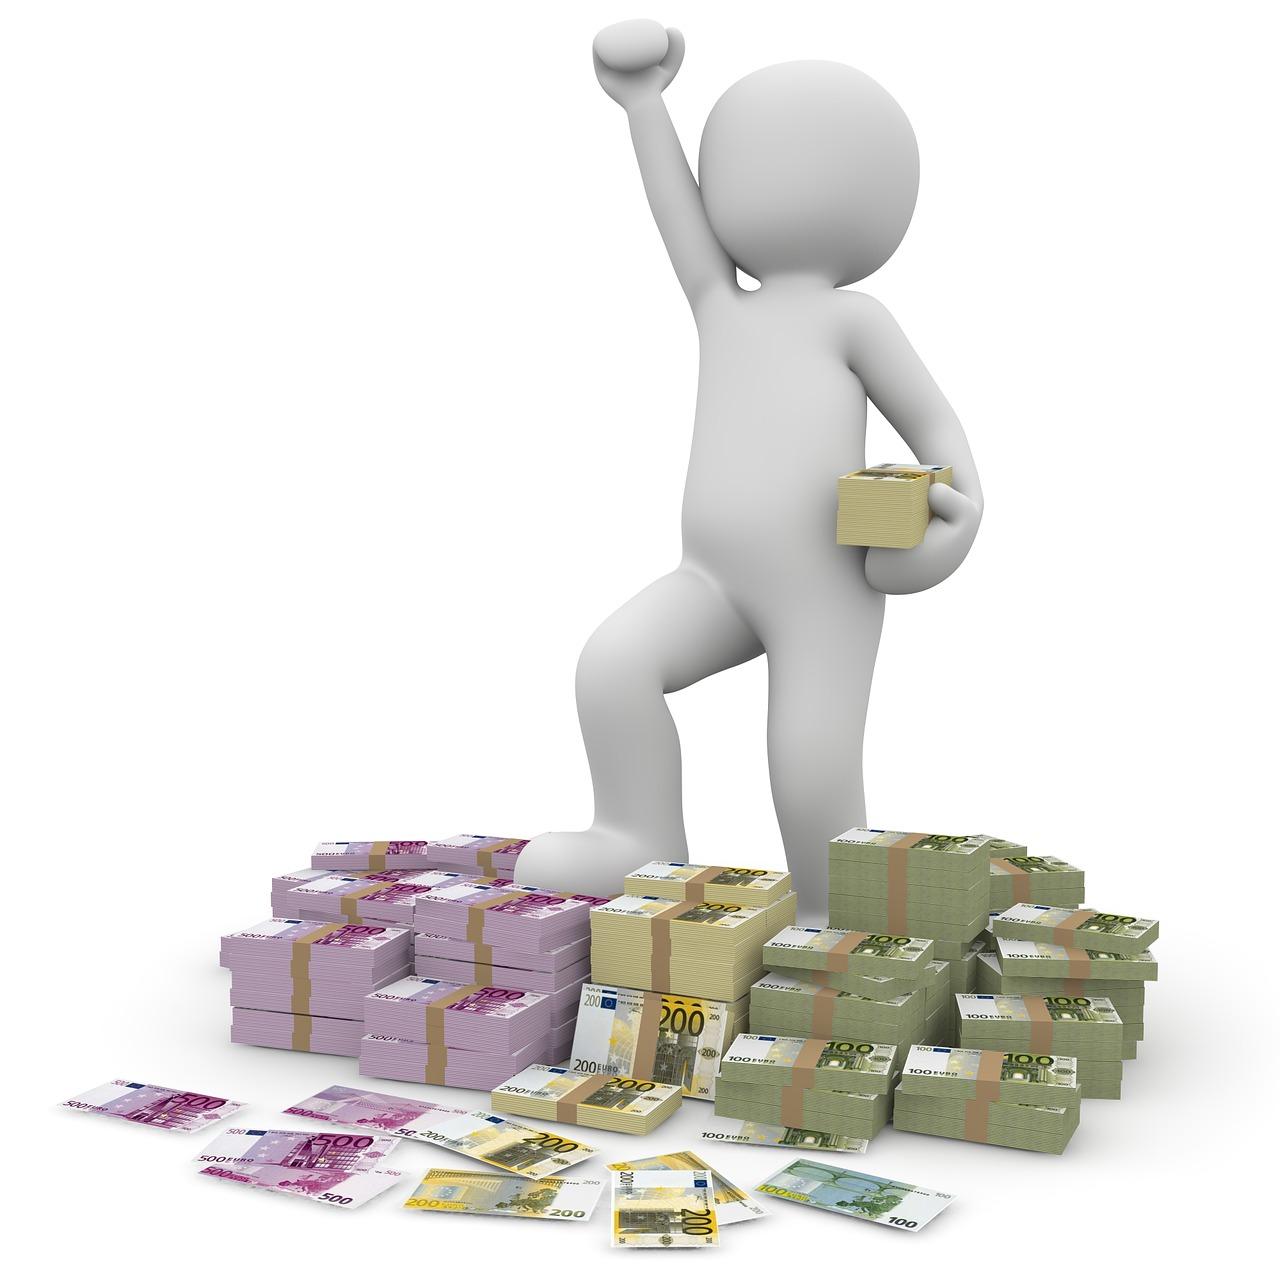 稼げないブロガーは収益化(マネタイズ)の常識を知れば稼げるようになる